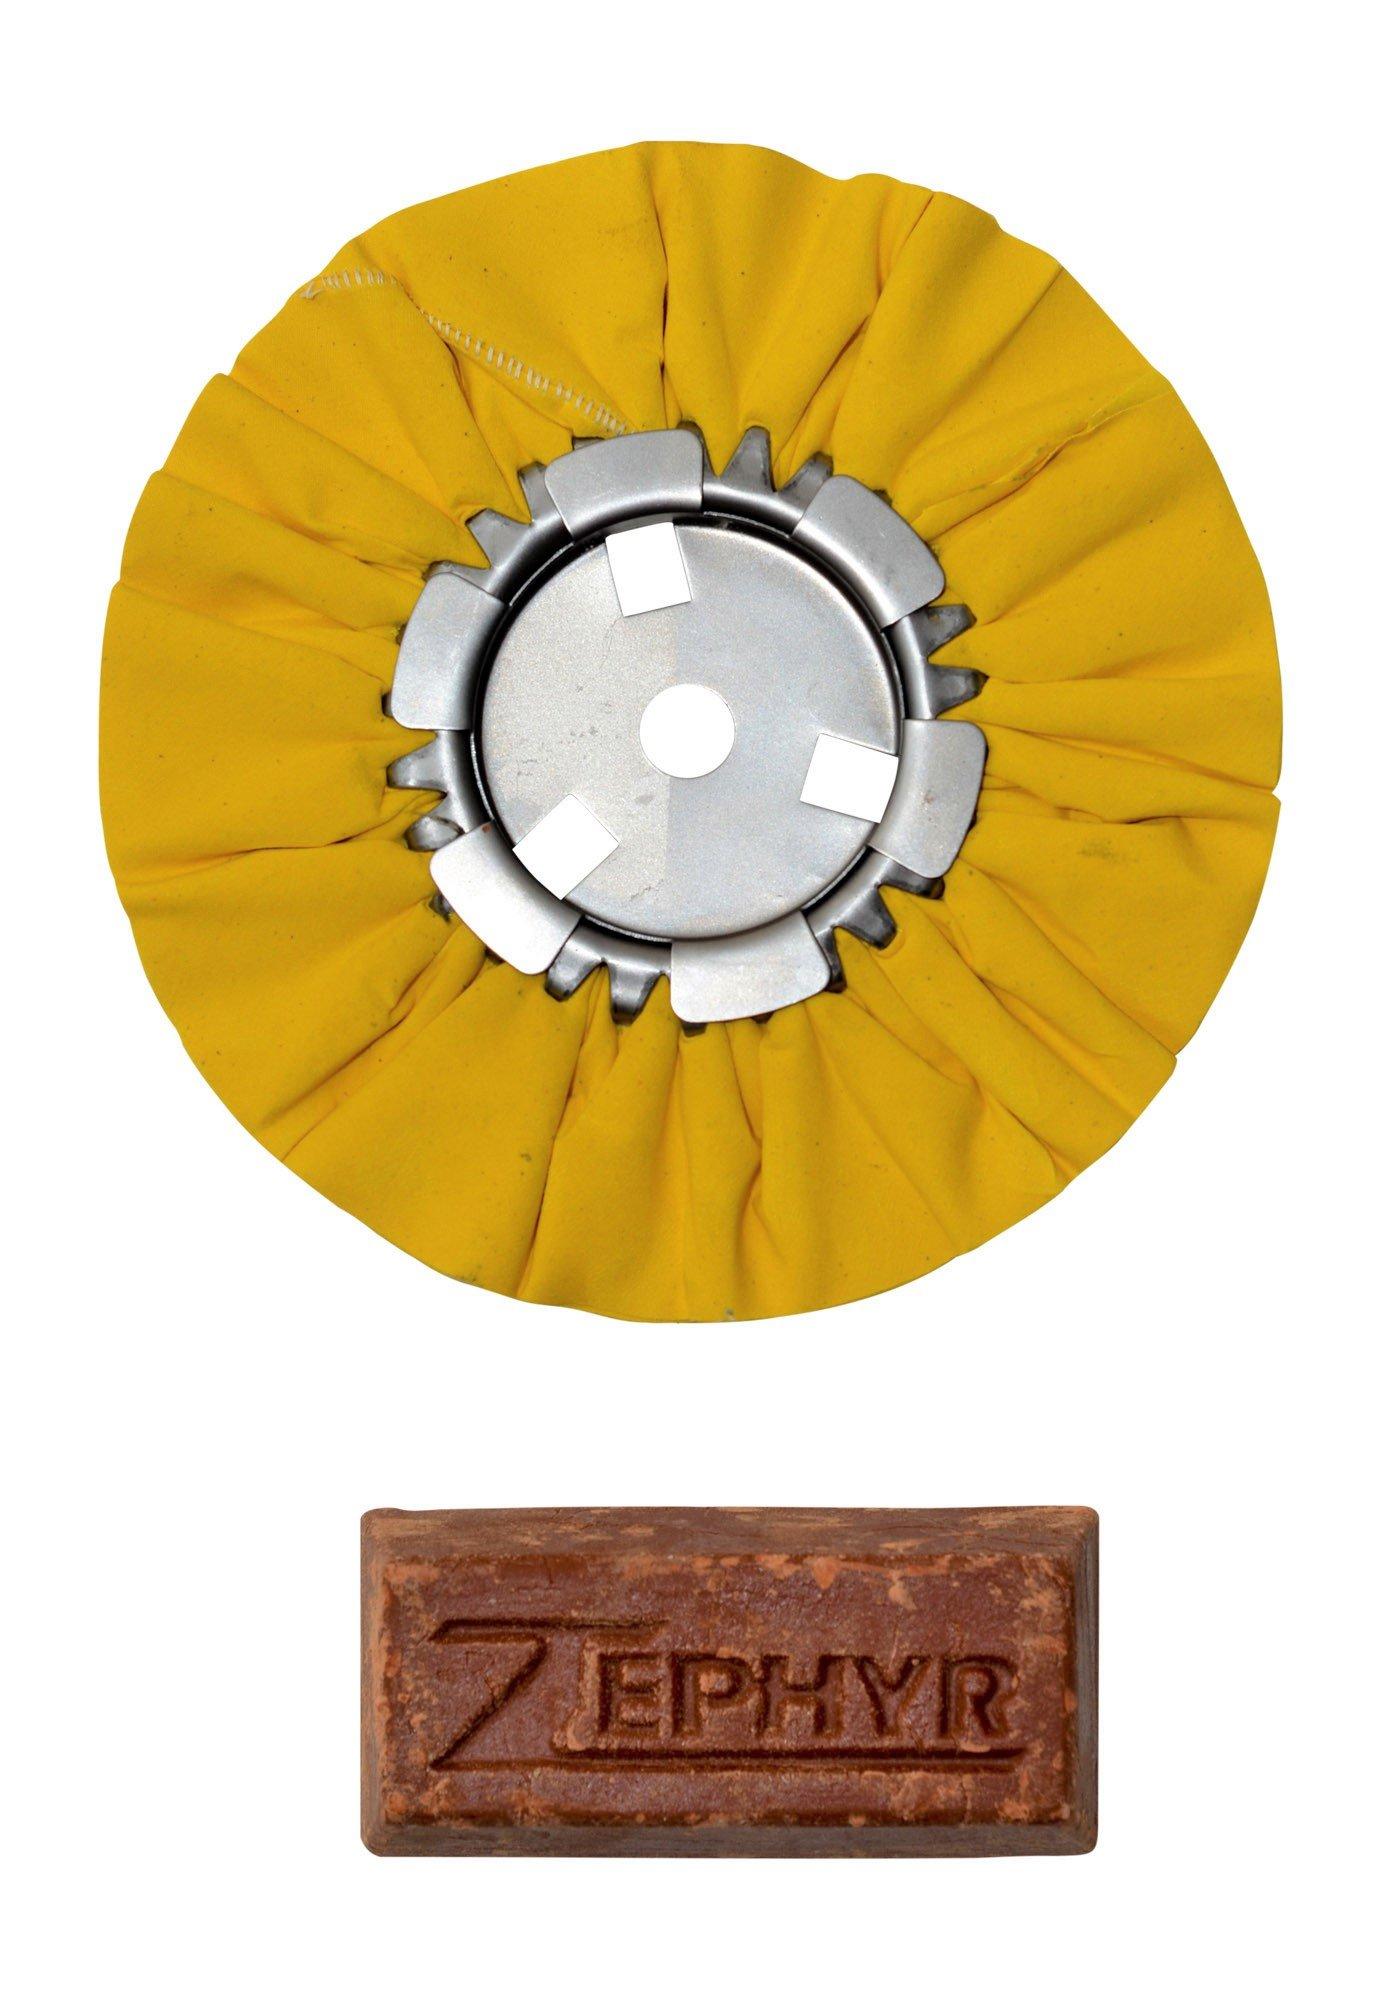 Zephyr AWY58-8WB Yellow 8'' Airway Buffing Wheel with 1 LB Tripoli Bar Heavy/Medium Cut